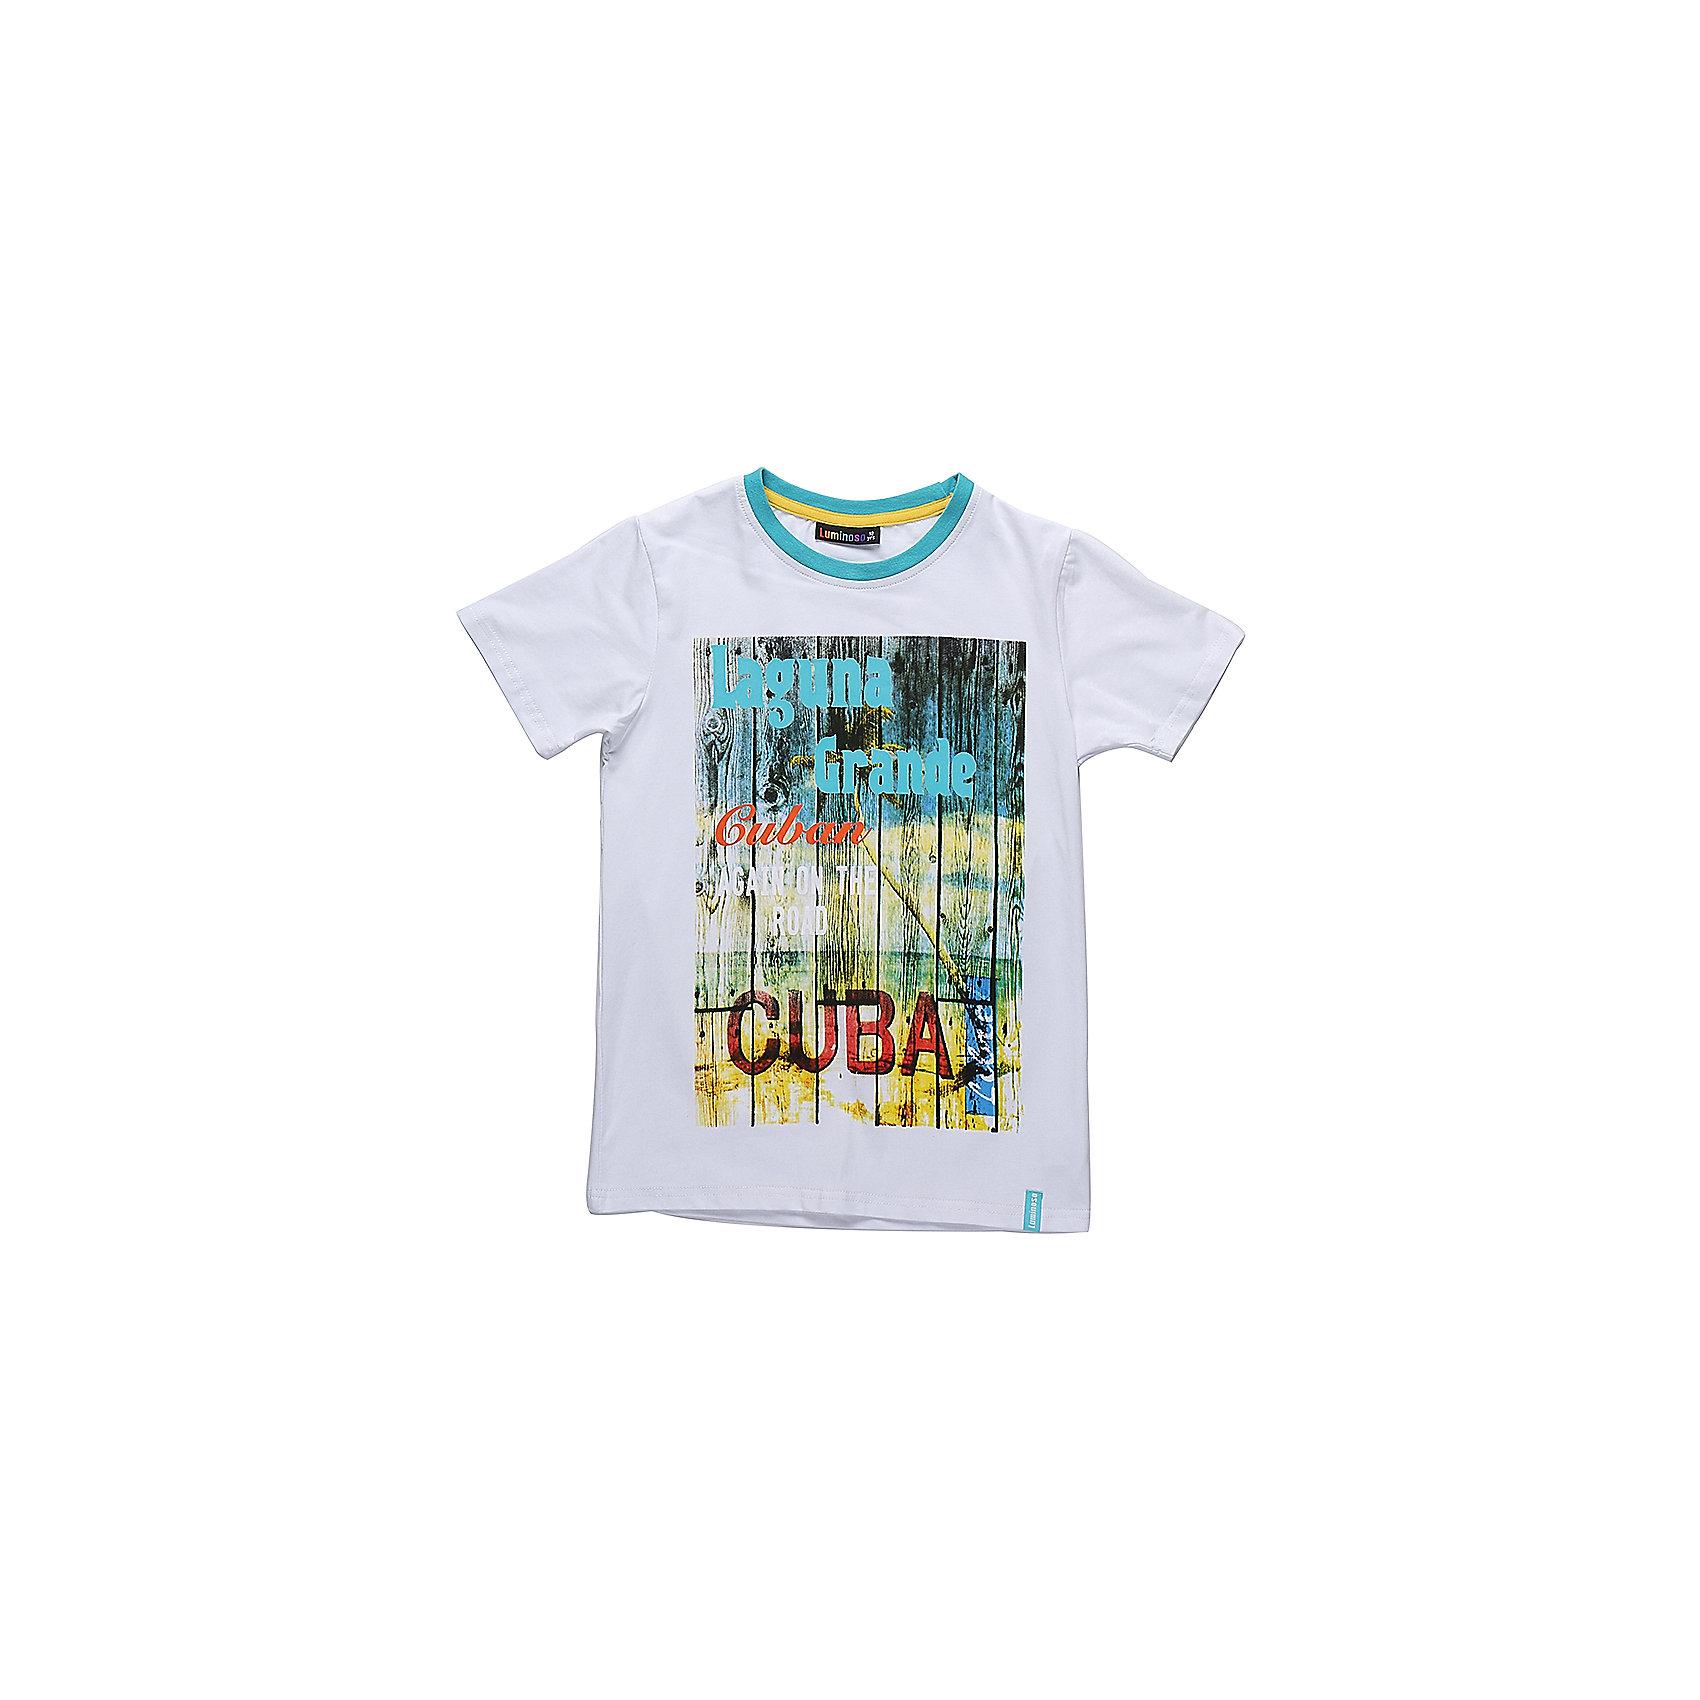 Футболка для мальчика LuminosoСтильная футболка из трикотажной ткани для мальчика с коротким рукавом. Декорирована ярким принтом. Горловина выделена контрастным кантом.<br>Состав:<br>95%хлопок 5%эластан<br><br>Ширина мм: 199<br>Глубина мм: 10<br>Высота мм: 161<br>Вес г: 151<br>Цвет: белый<br>Возраст от месяцев: 96<br>Возраст до месяцев: 108<br>Пол: Мужской<br>Возраст: Детский<br>Размер: 134,140,146,152,158,164<br>SKU: 5409744